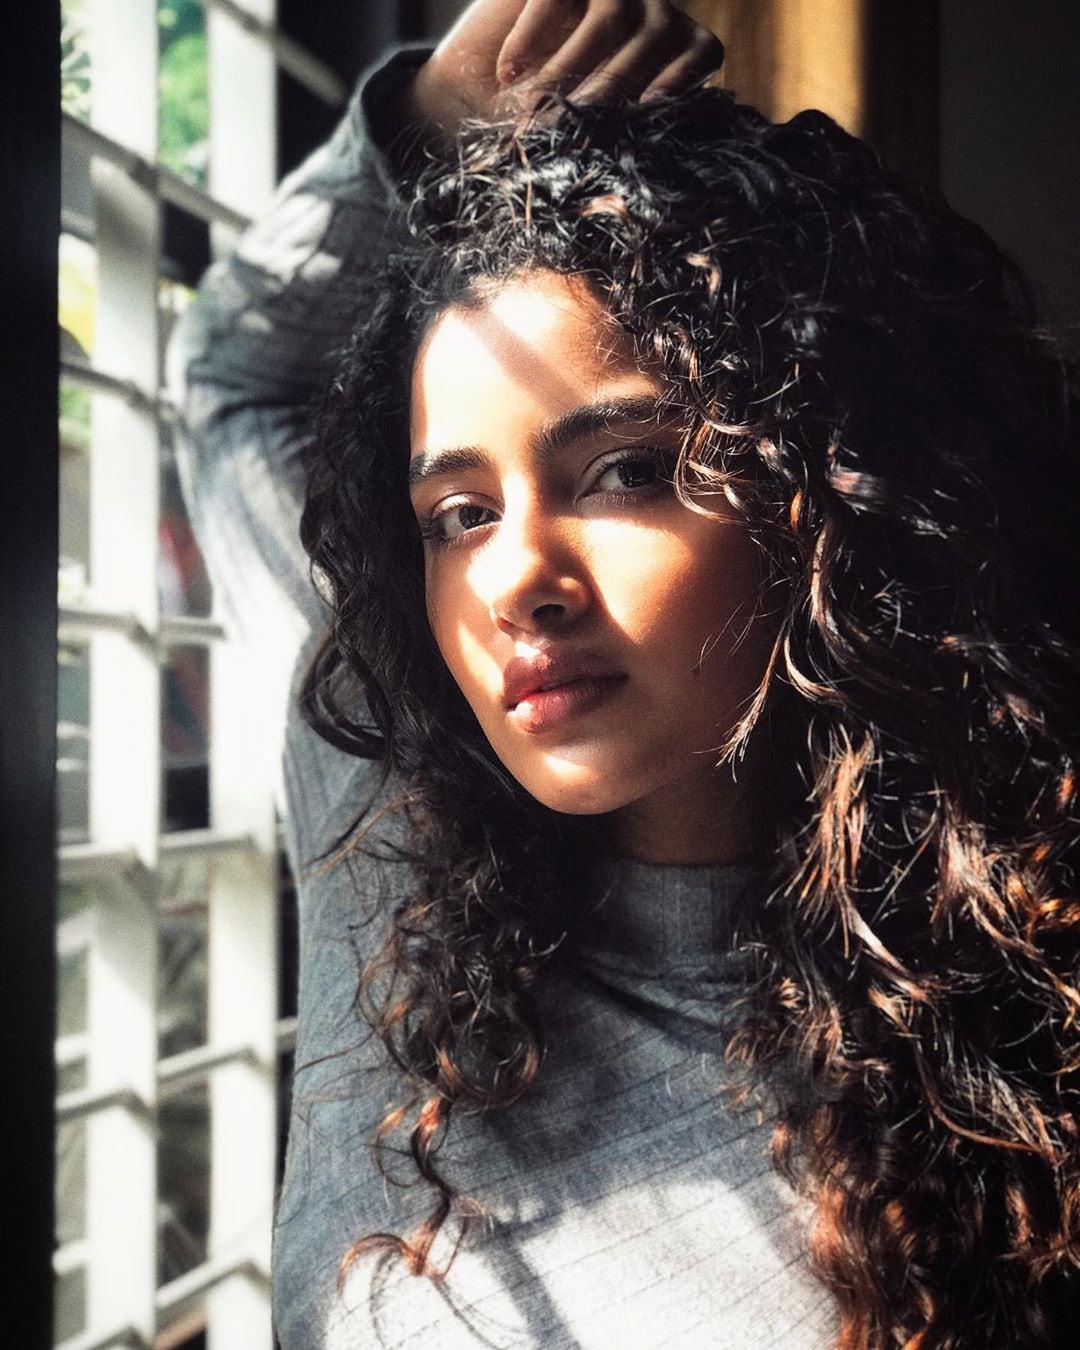 లాక్ డౌన్ వేళా.. మేకప్ లేకుండా తెలుగు హీరోయిన్స్.. Photo : Instagram